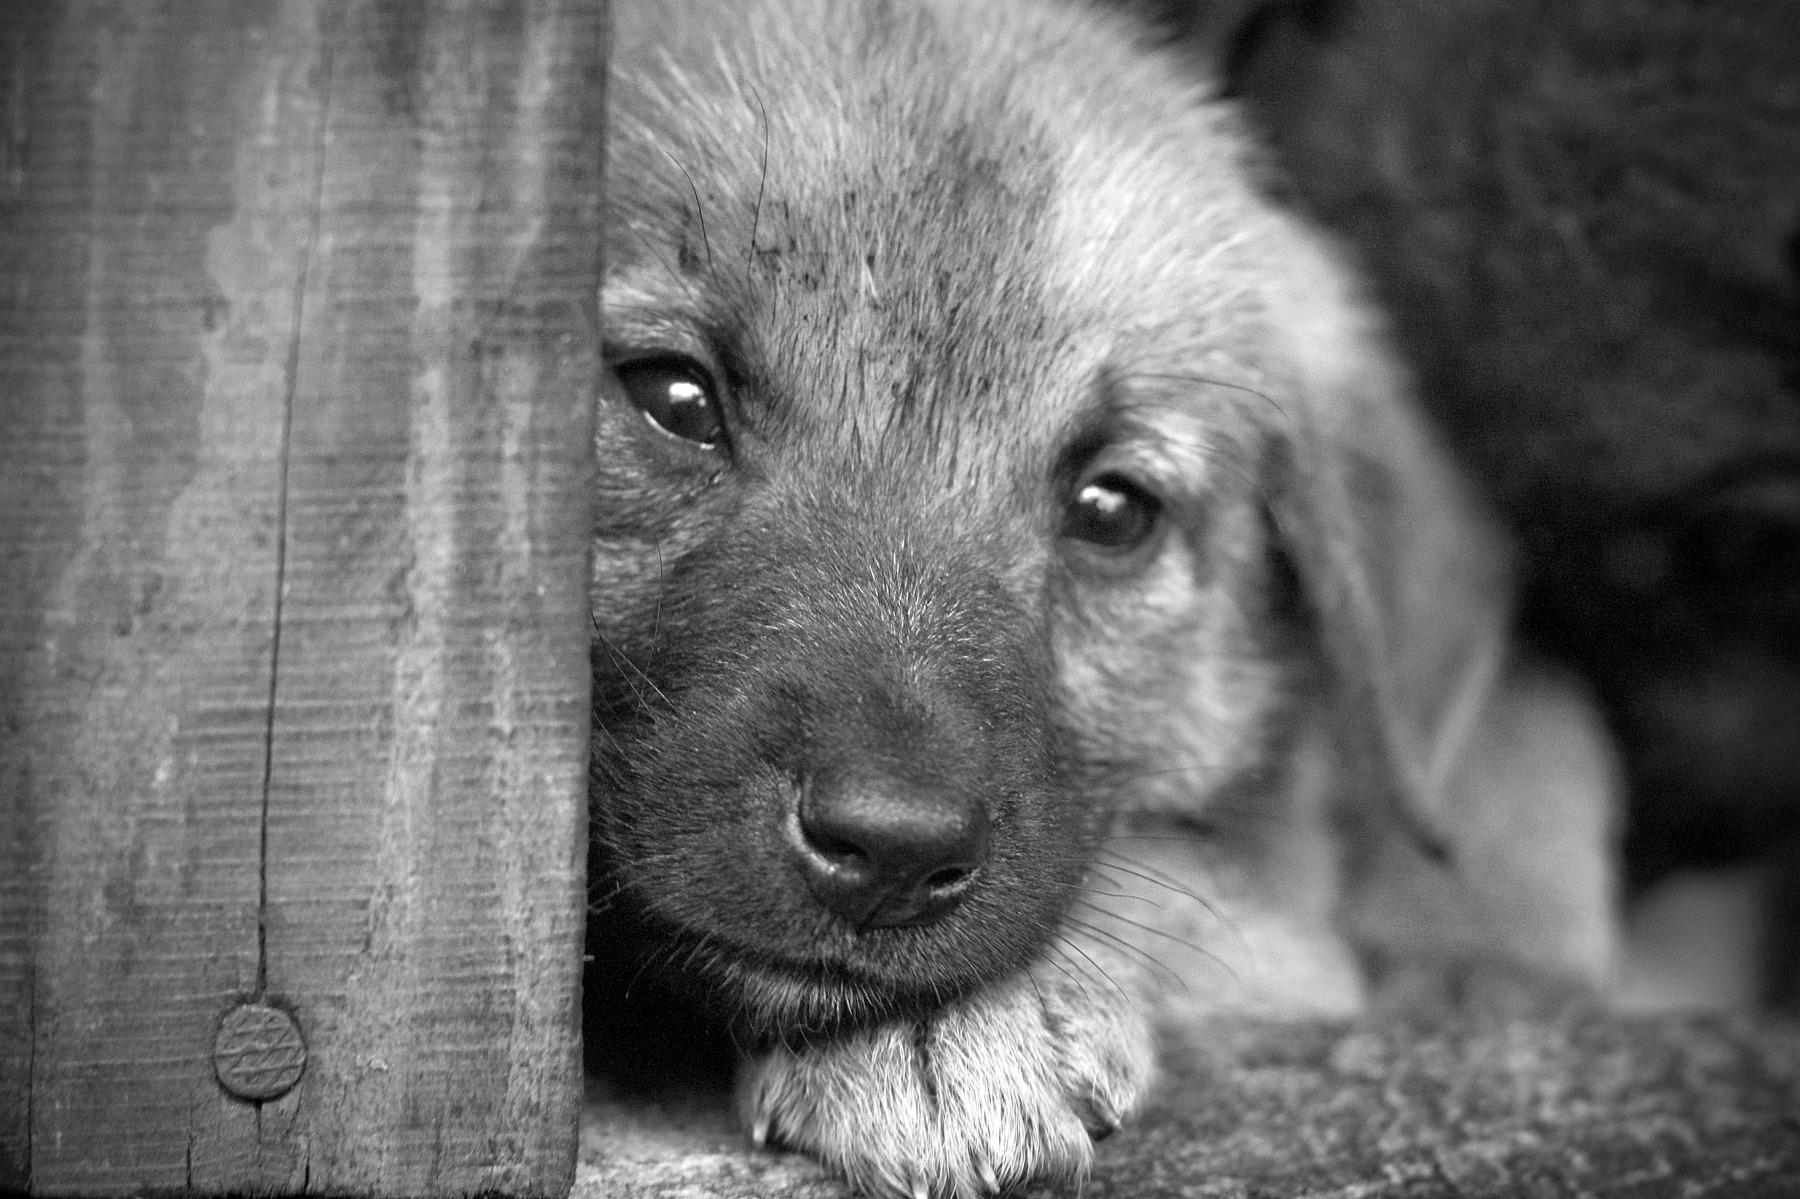 пустышка картинка с грустными глазами зверек скучающий этот момент узкие